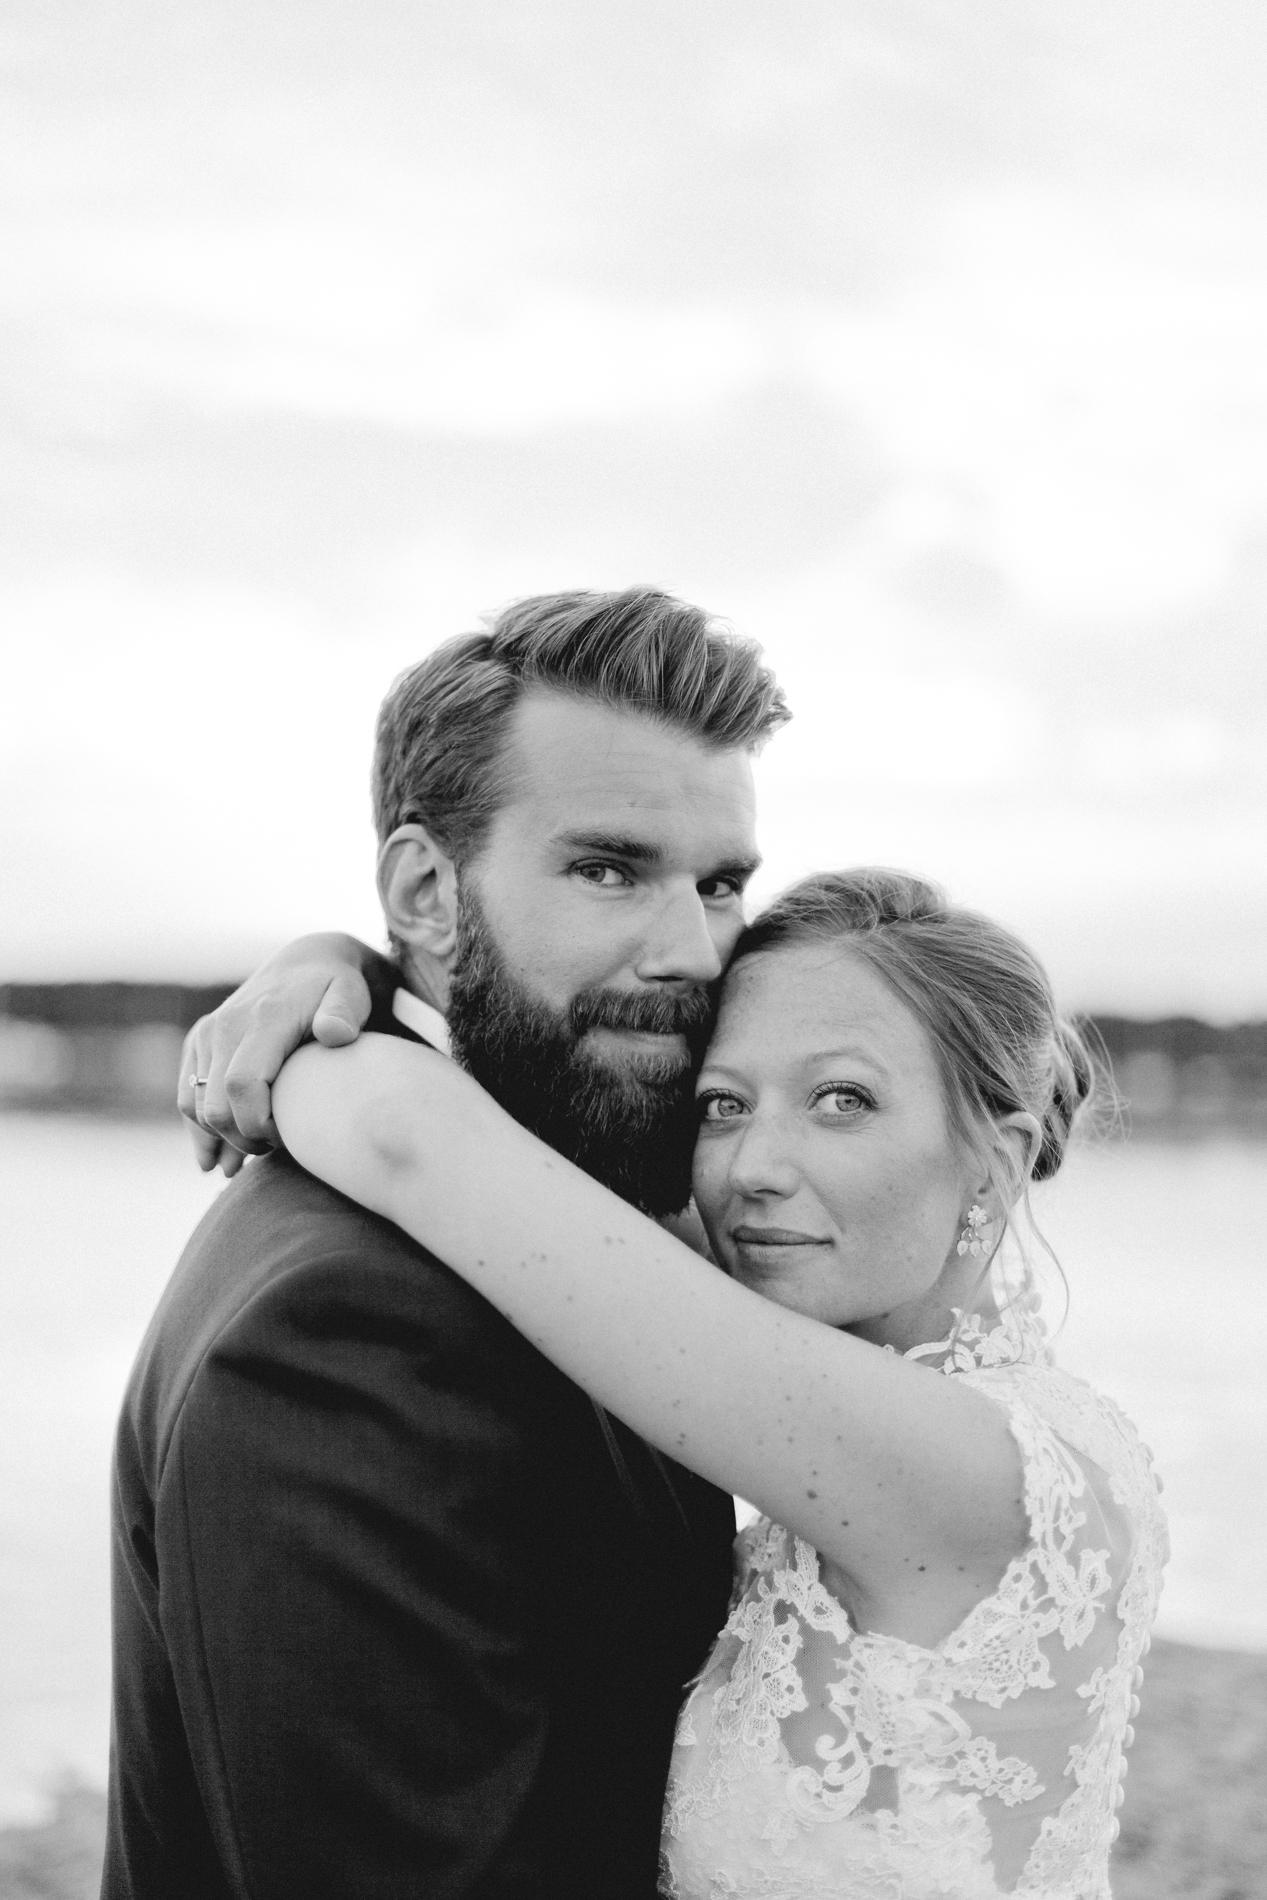 photographe-mariage-bretagne-maria-thomas-96